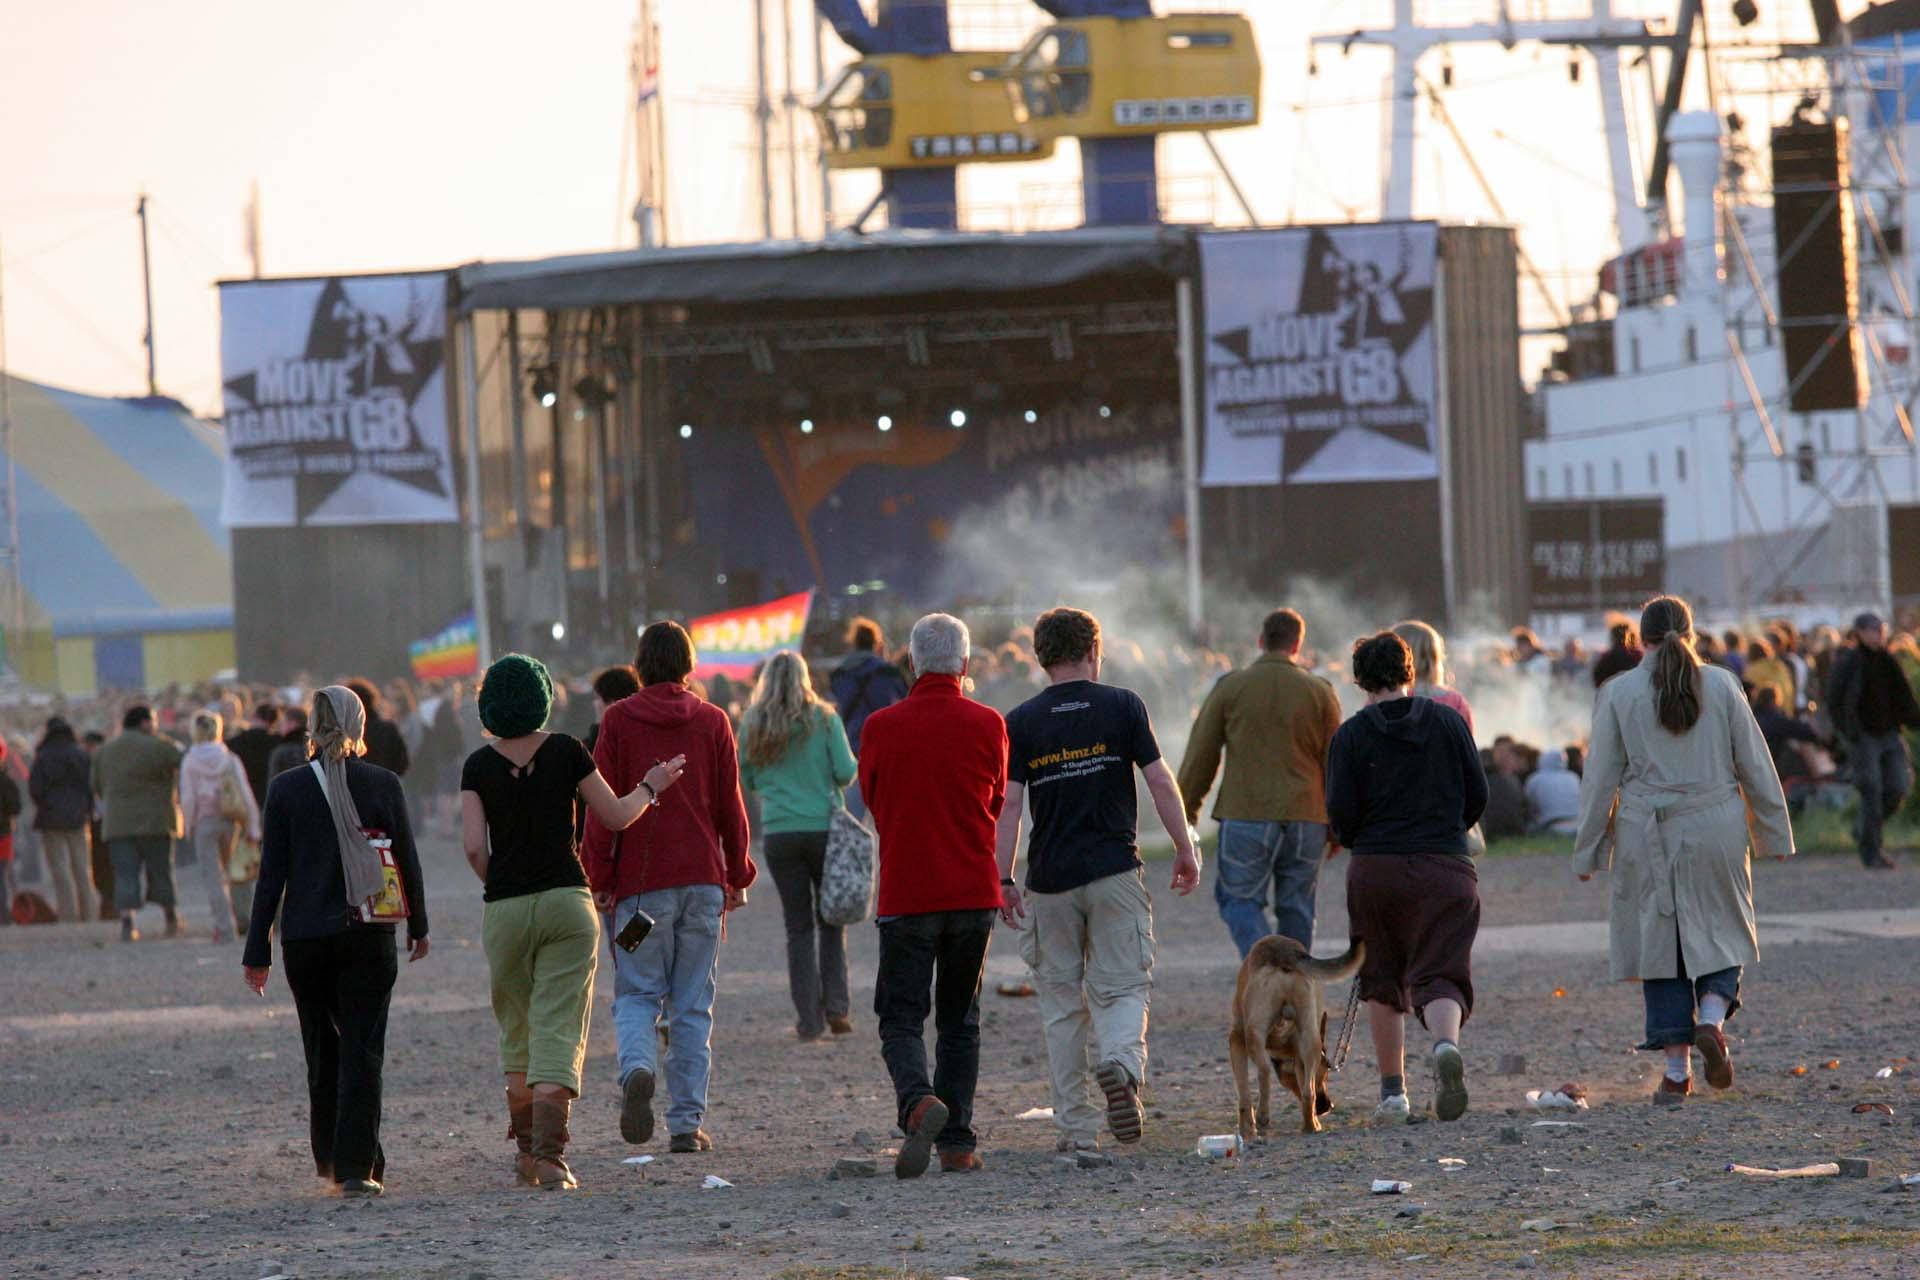 Kurz vor dem Konzert von Jan Delay auf dem riesigen Veranstaltungsplatz am Hafen.